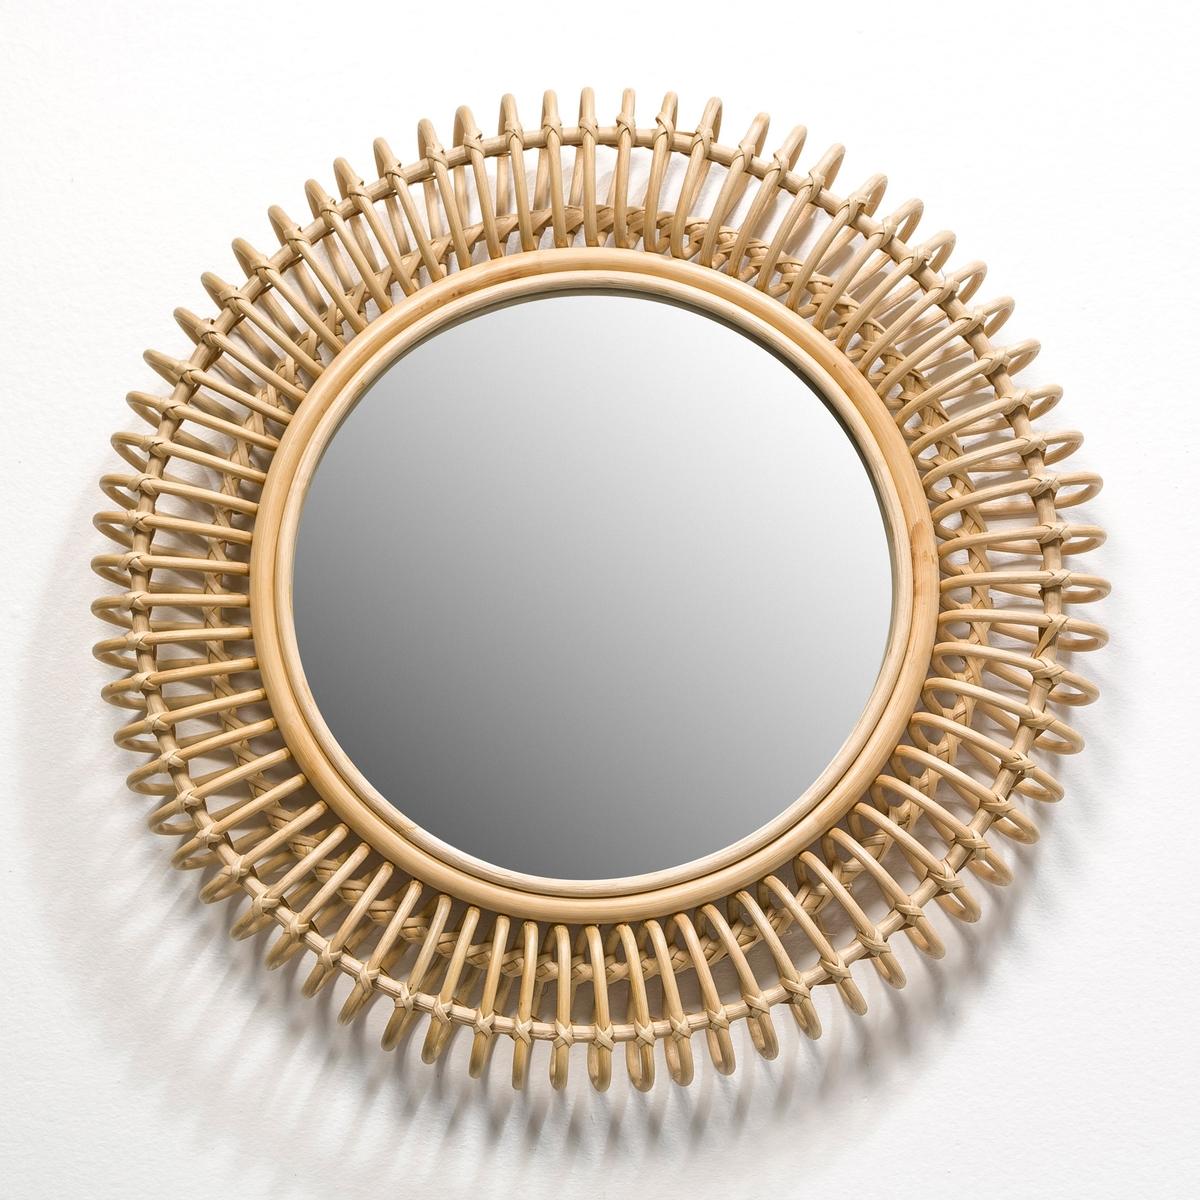 Зеркало круглое из ротанга Tarsile ?60 смЗеркало круглое из ротанга Tarsile.Характеристики: : - Из ротанга.Размеры :- Дл60 x В8 см .- Размеры зеркала : Диаметр 35 см<br><br>Цвет: серо-бежевый,черный<br>Размер: единый размер